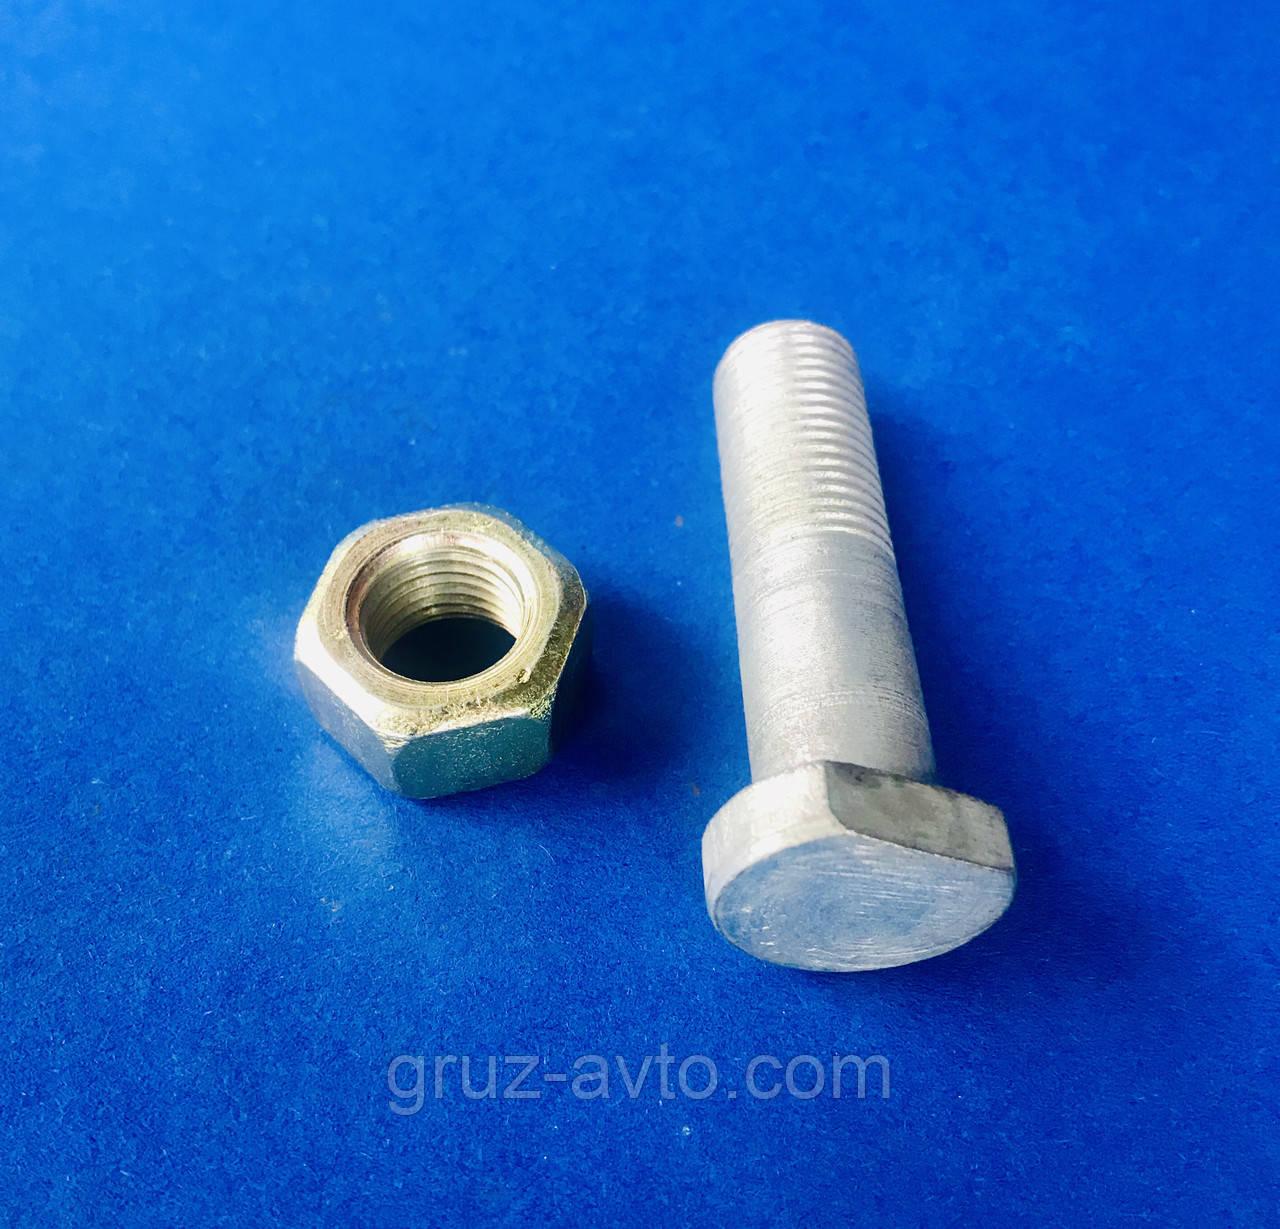 Болт крепления вала карданного ЗИЛ-130 с КПП с гайкой / М14х1,5x51 / 130-2202163.